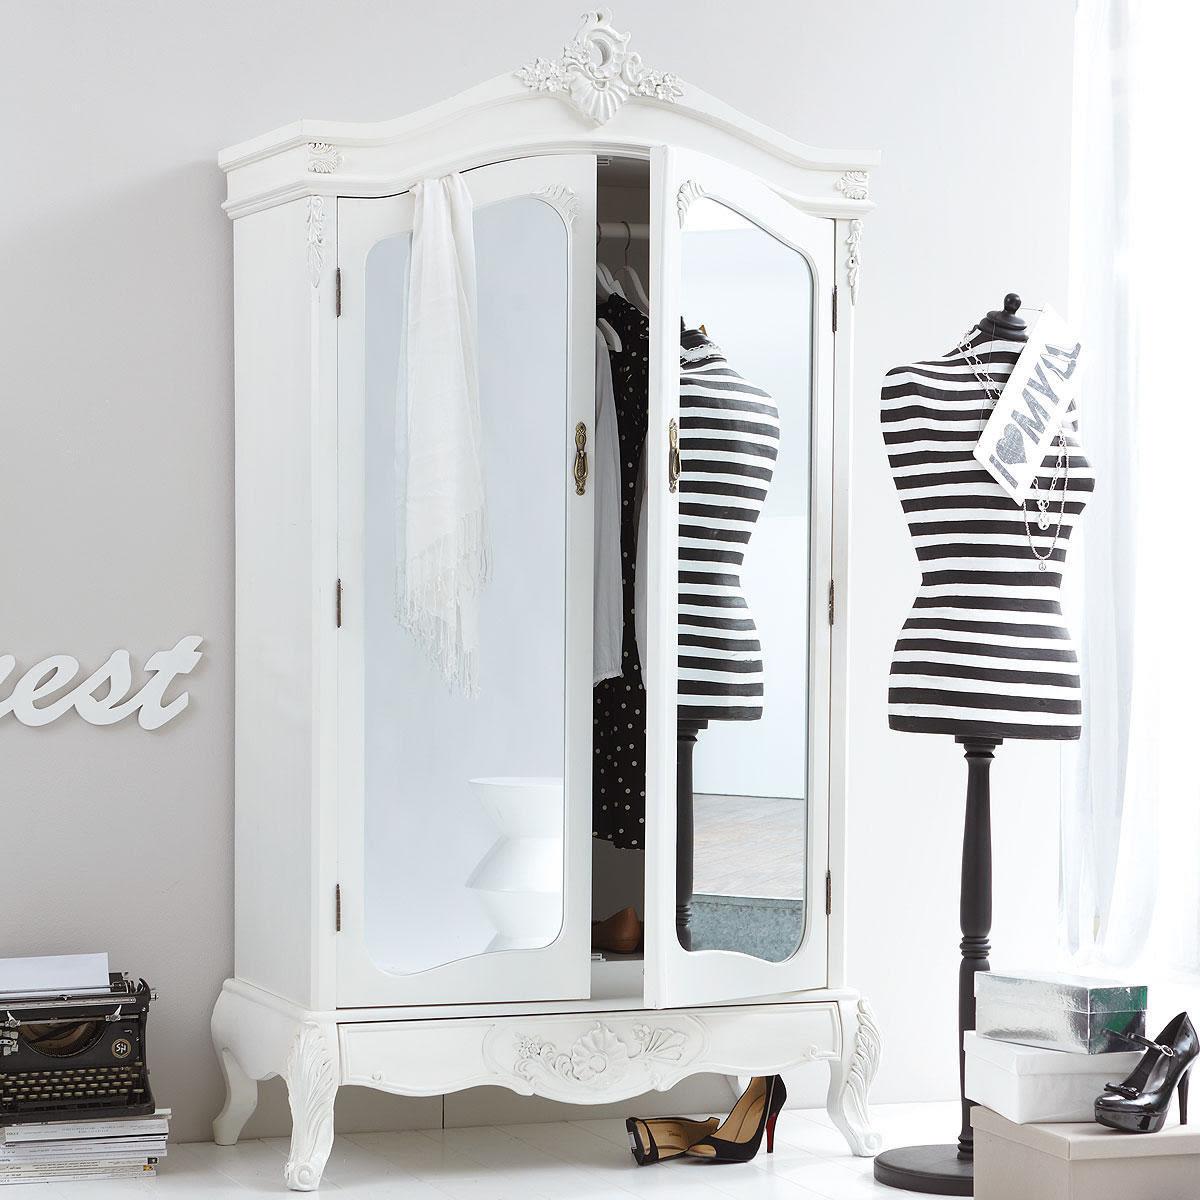 Kleiderschrank weiß barock  Kleiderschrank, Barock-Stil, Kleiderstange, MDF, Tannenholz